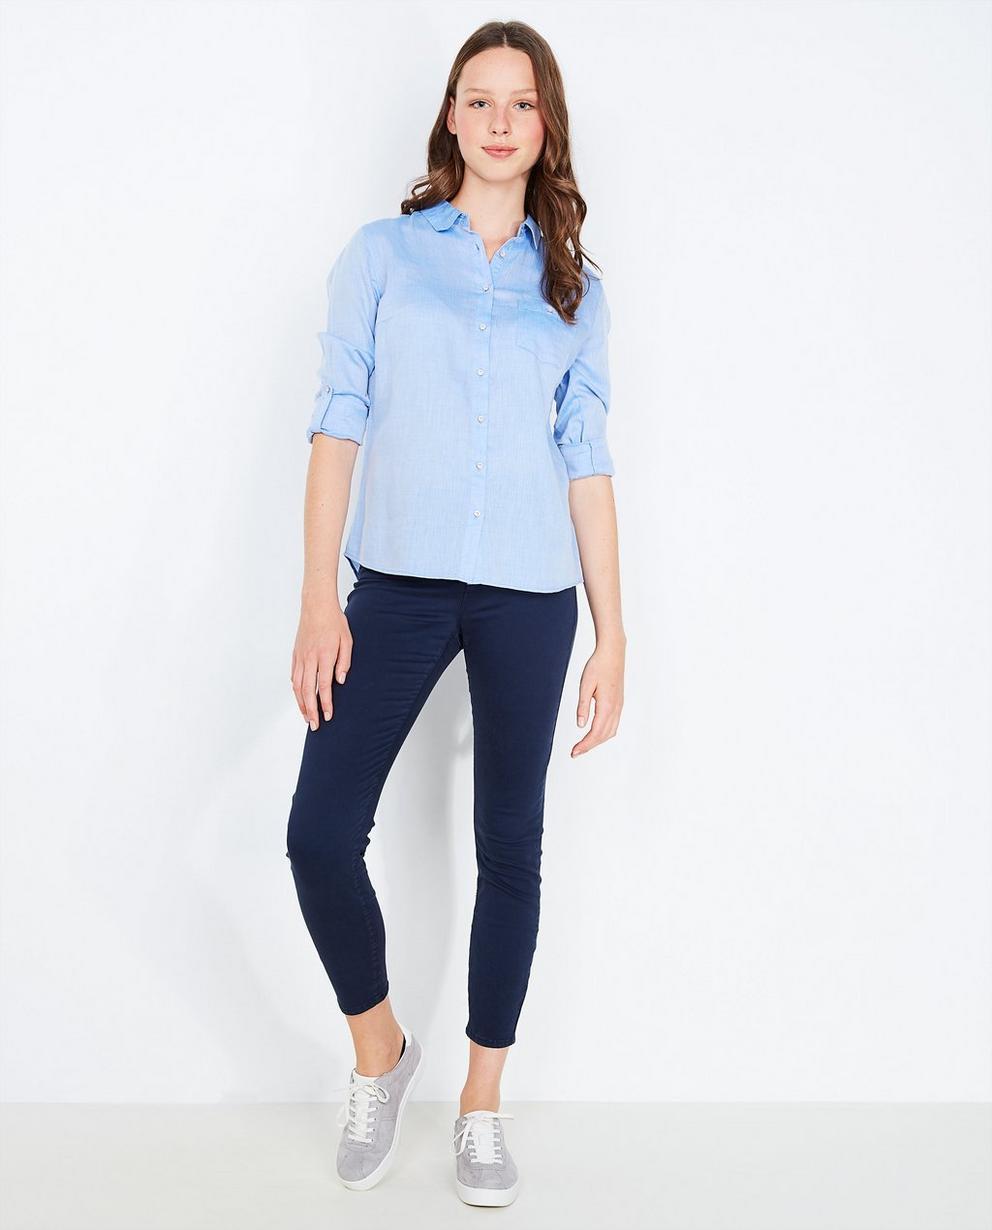 Zwarte super skinny jeans - null - Grogy